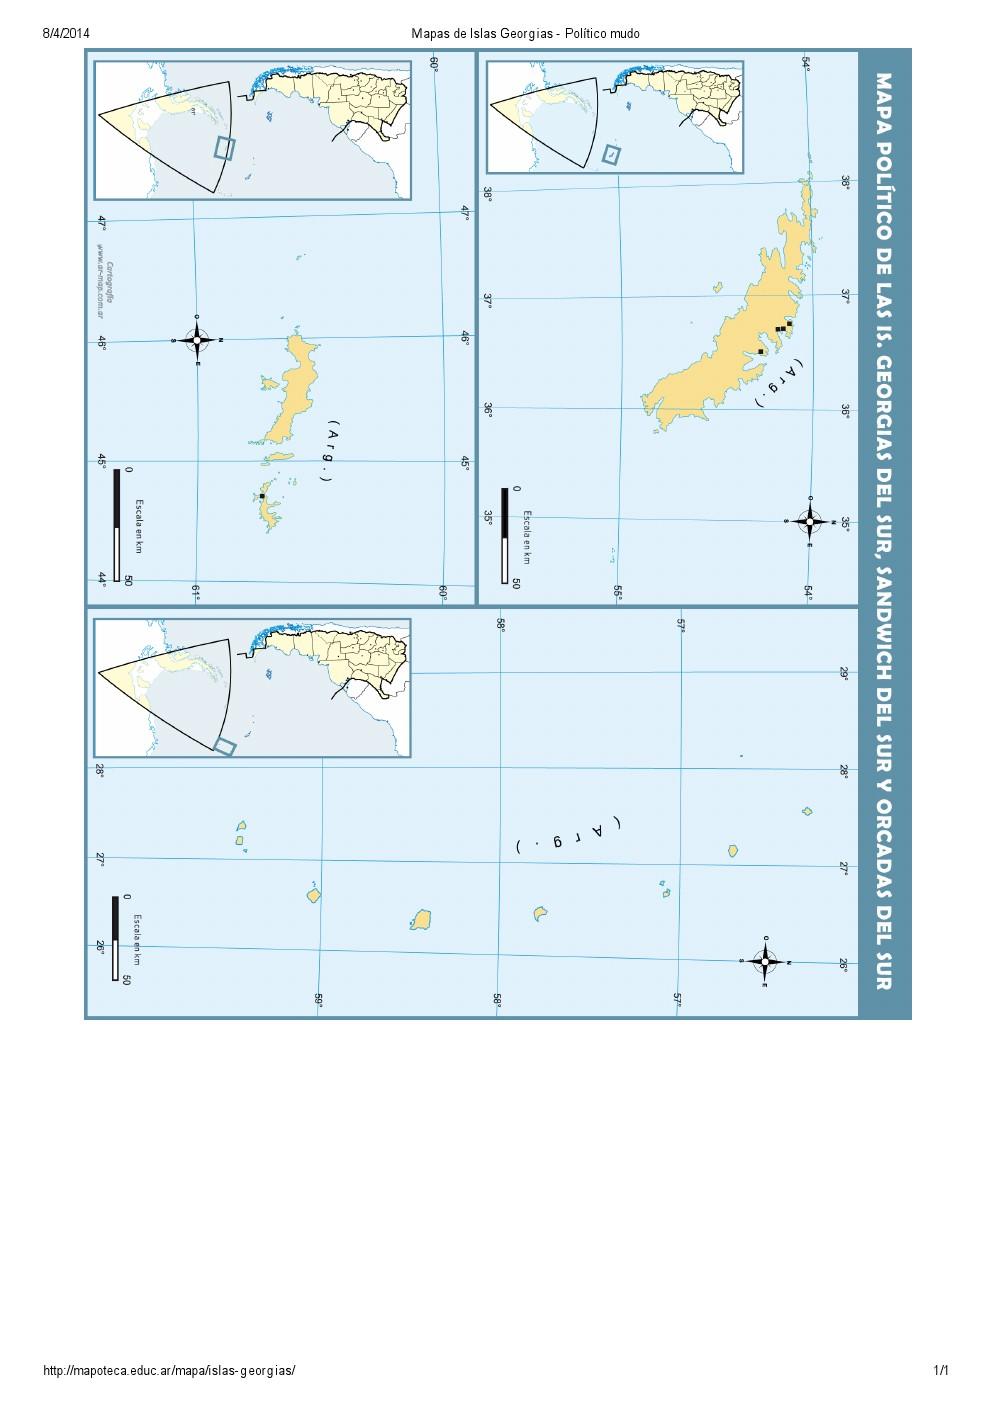 Mapa político mudo de las Islas Georgias, Orcadas y Sandwich. Mapoteca de Educ.ar